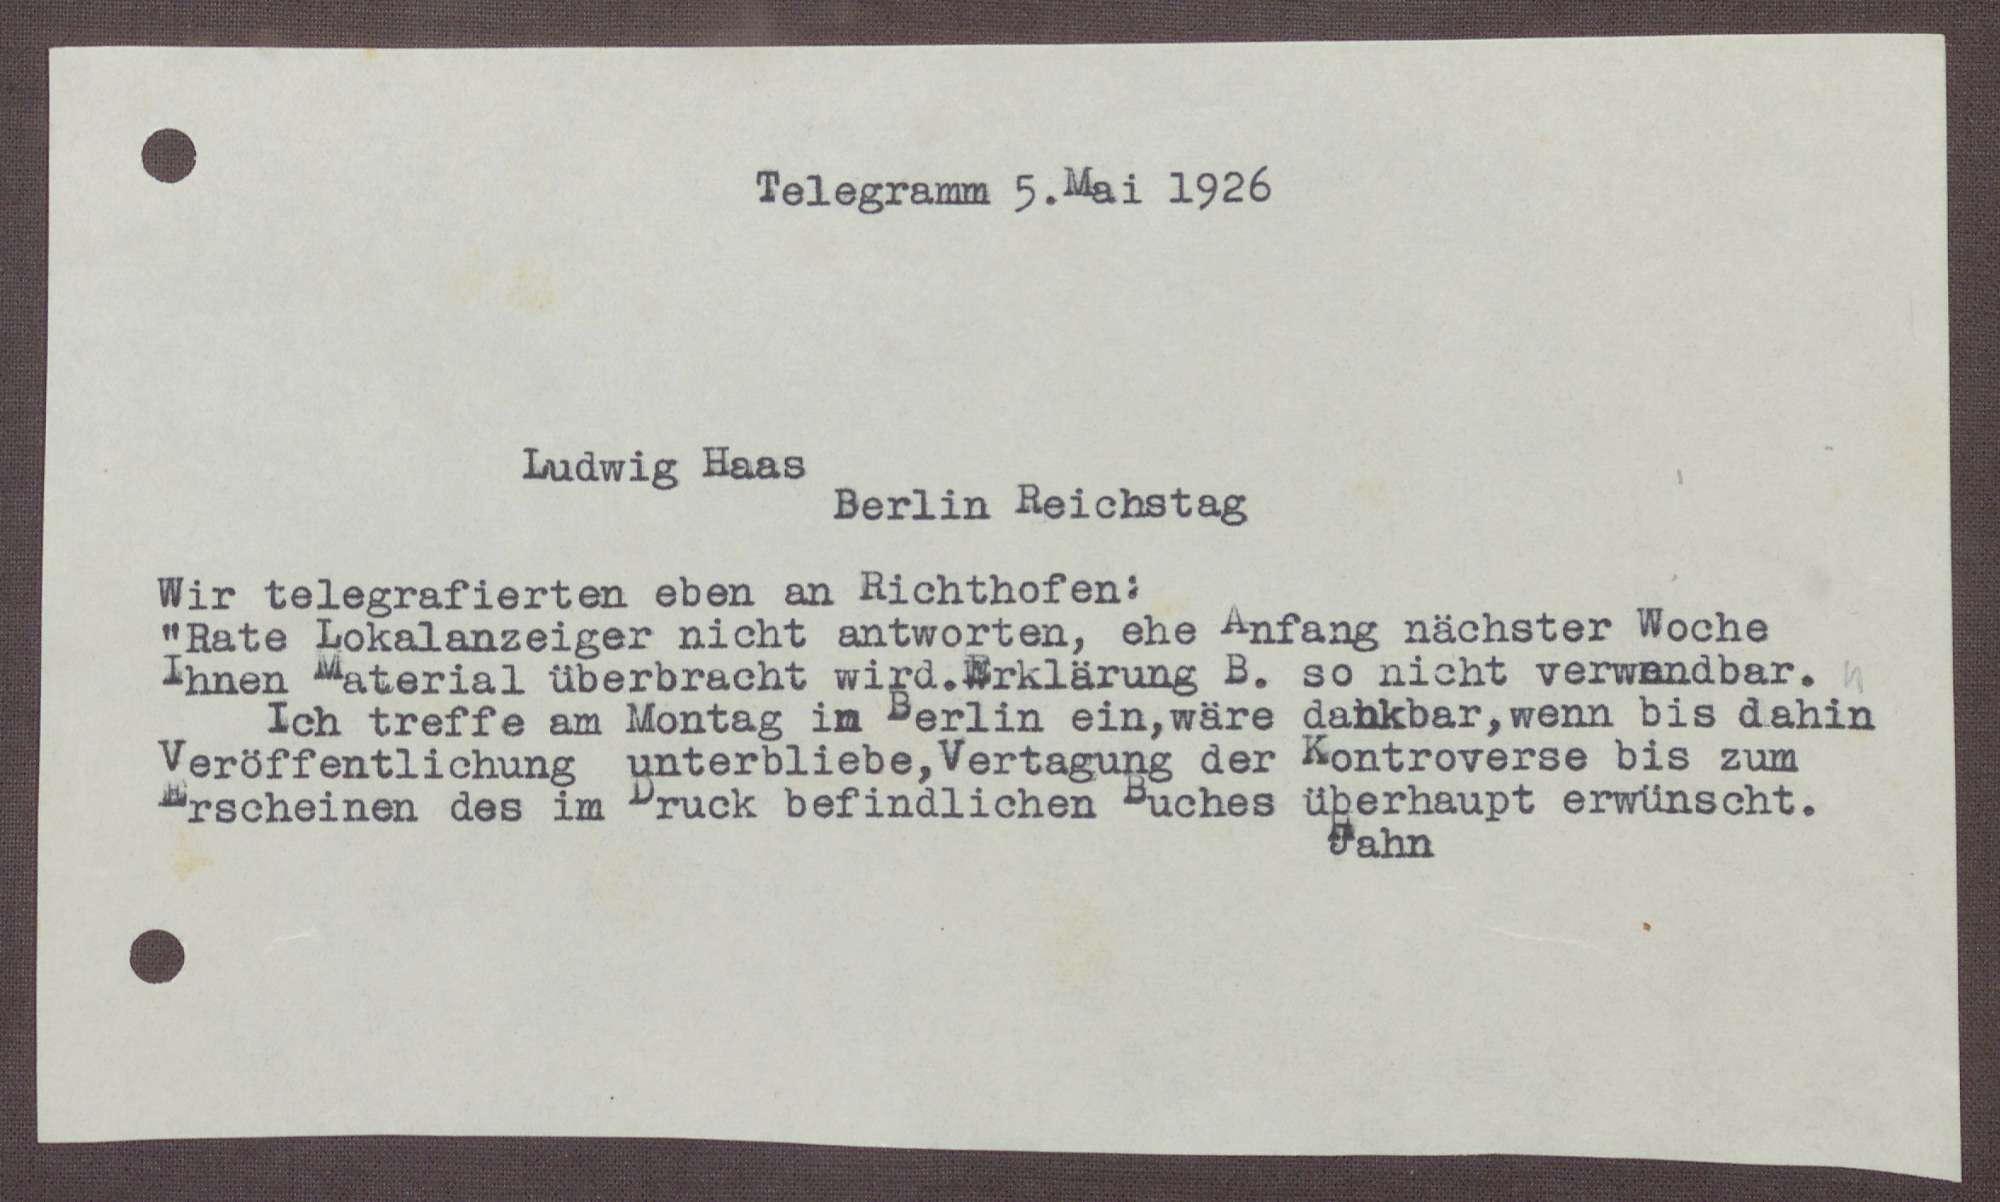 Telegramm von Kurt Hahn an Ludwig Haas; Veröffentlichung einer Stellungnahme von Hartmann von Richthofen, Bild 1